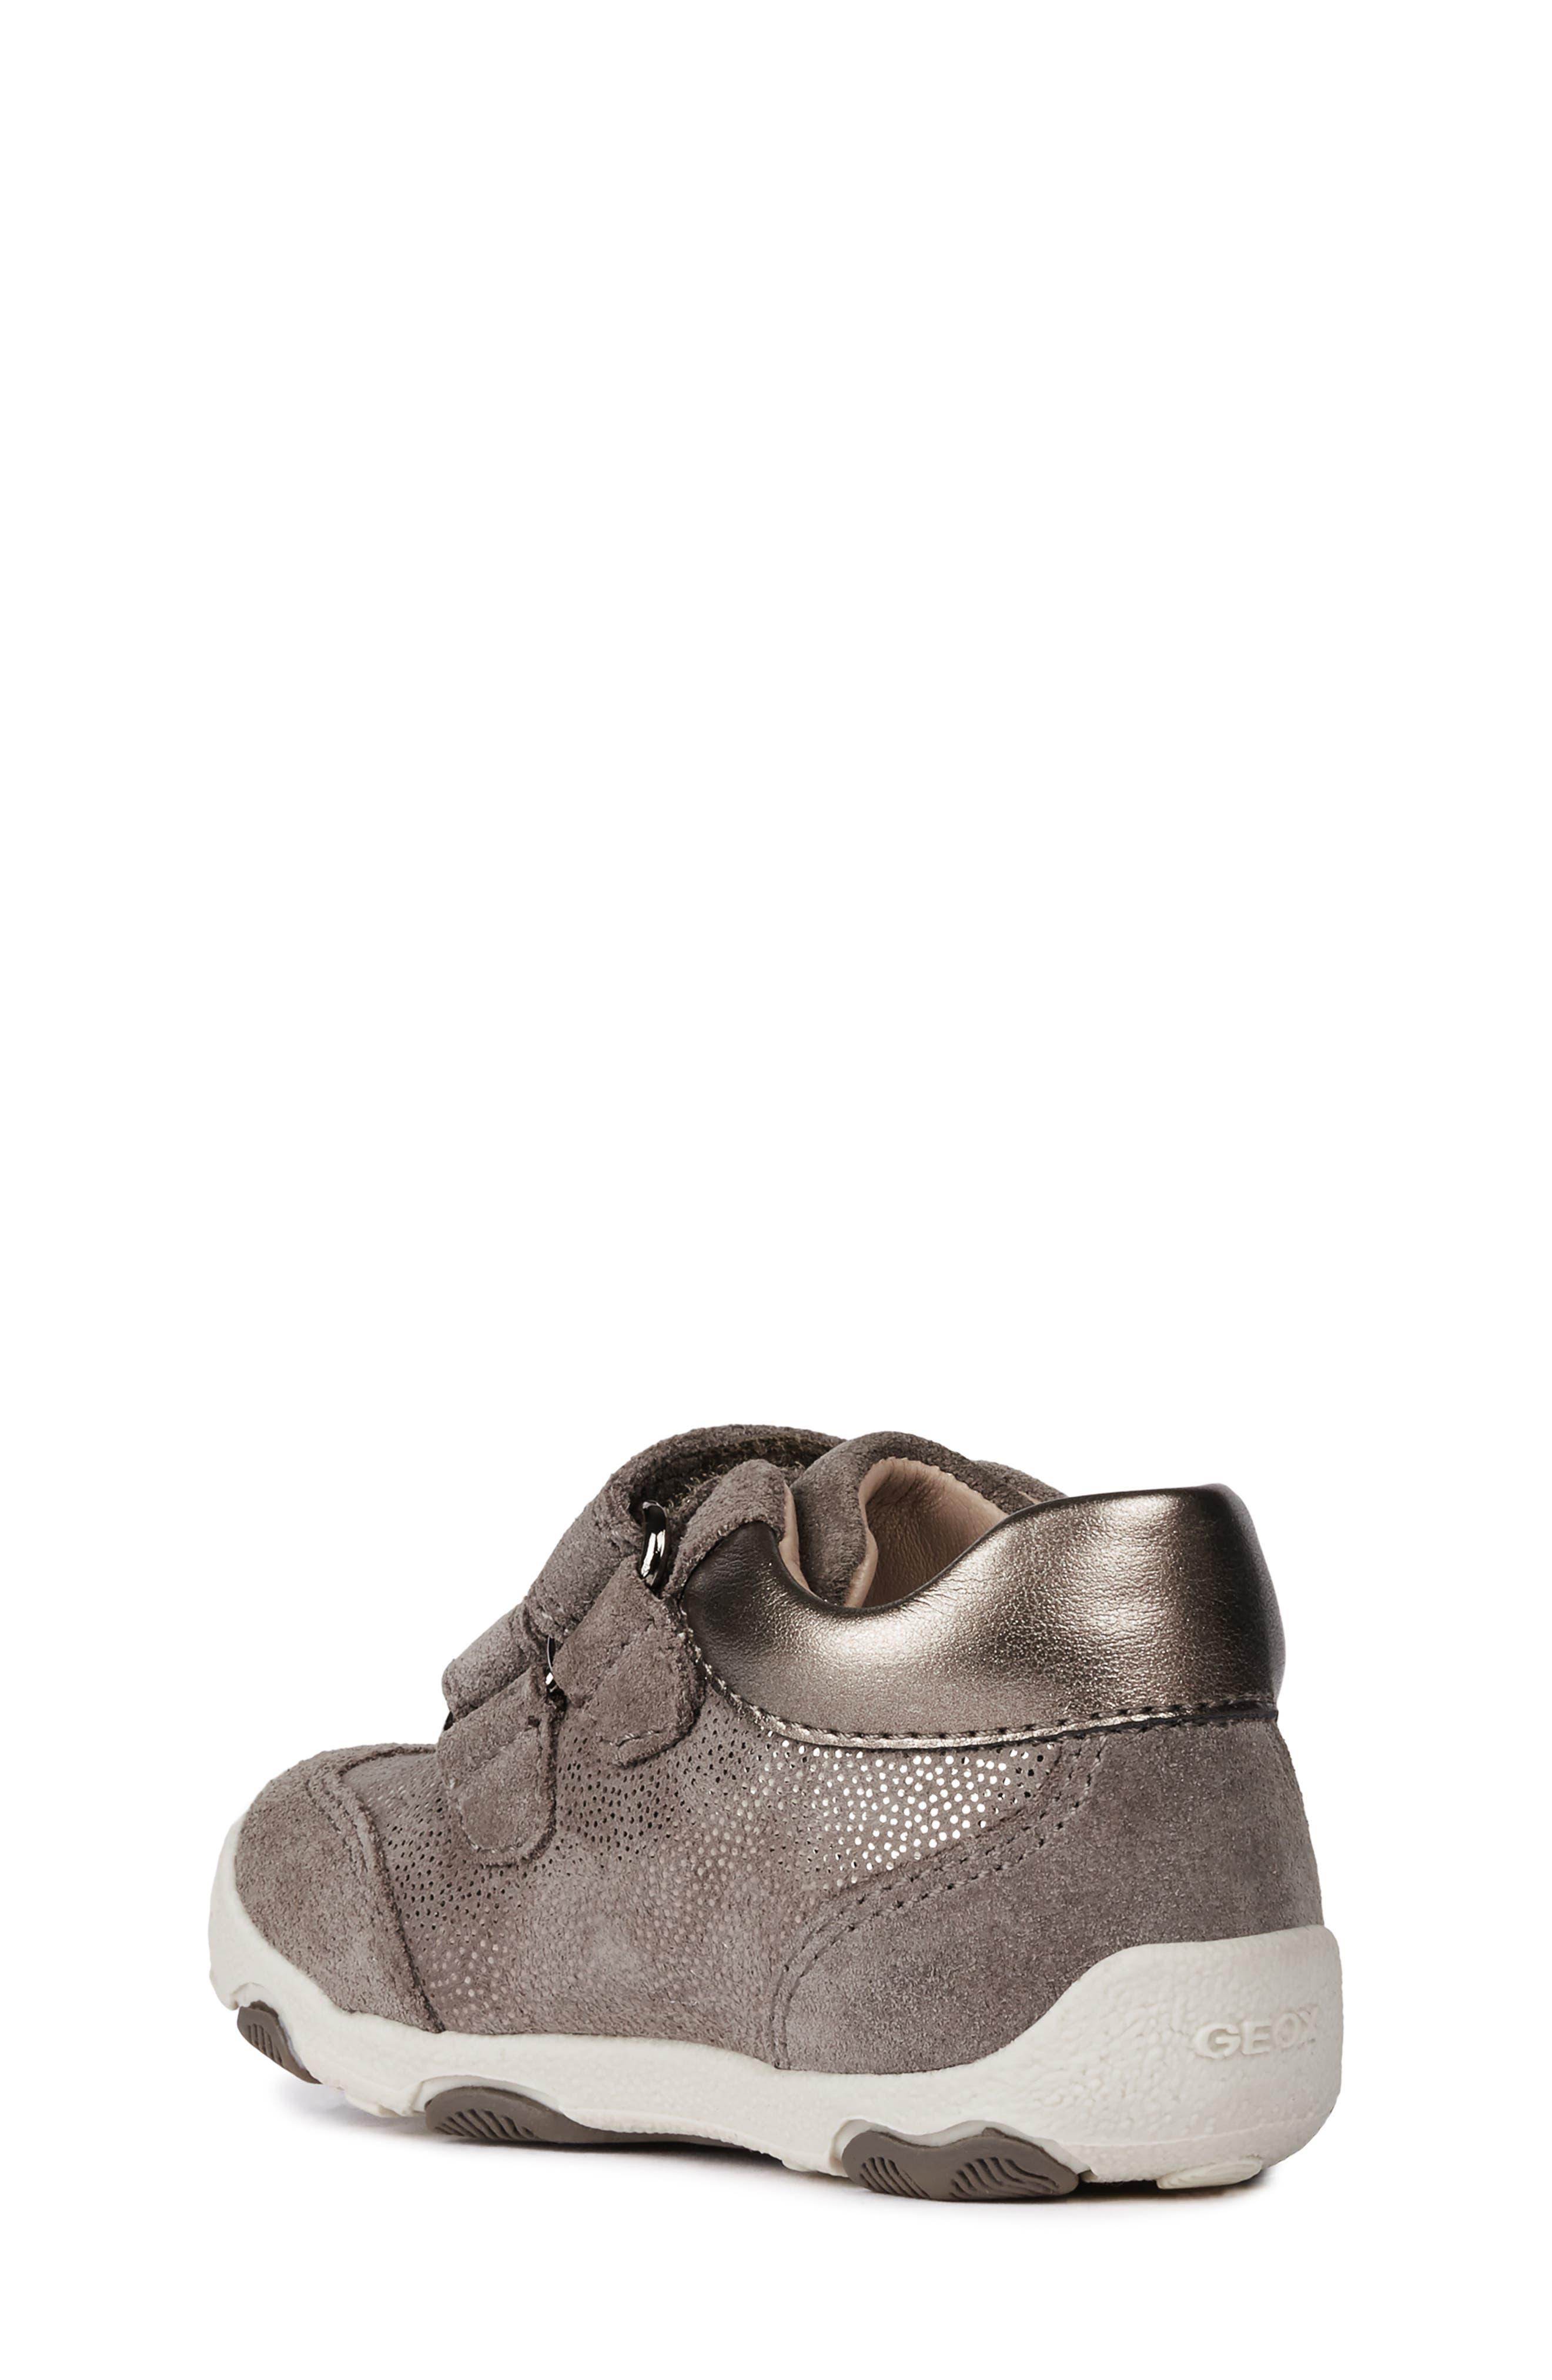 Balu Sneaker,                             Alternate thumbnail 2, color,                             052